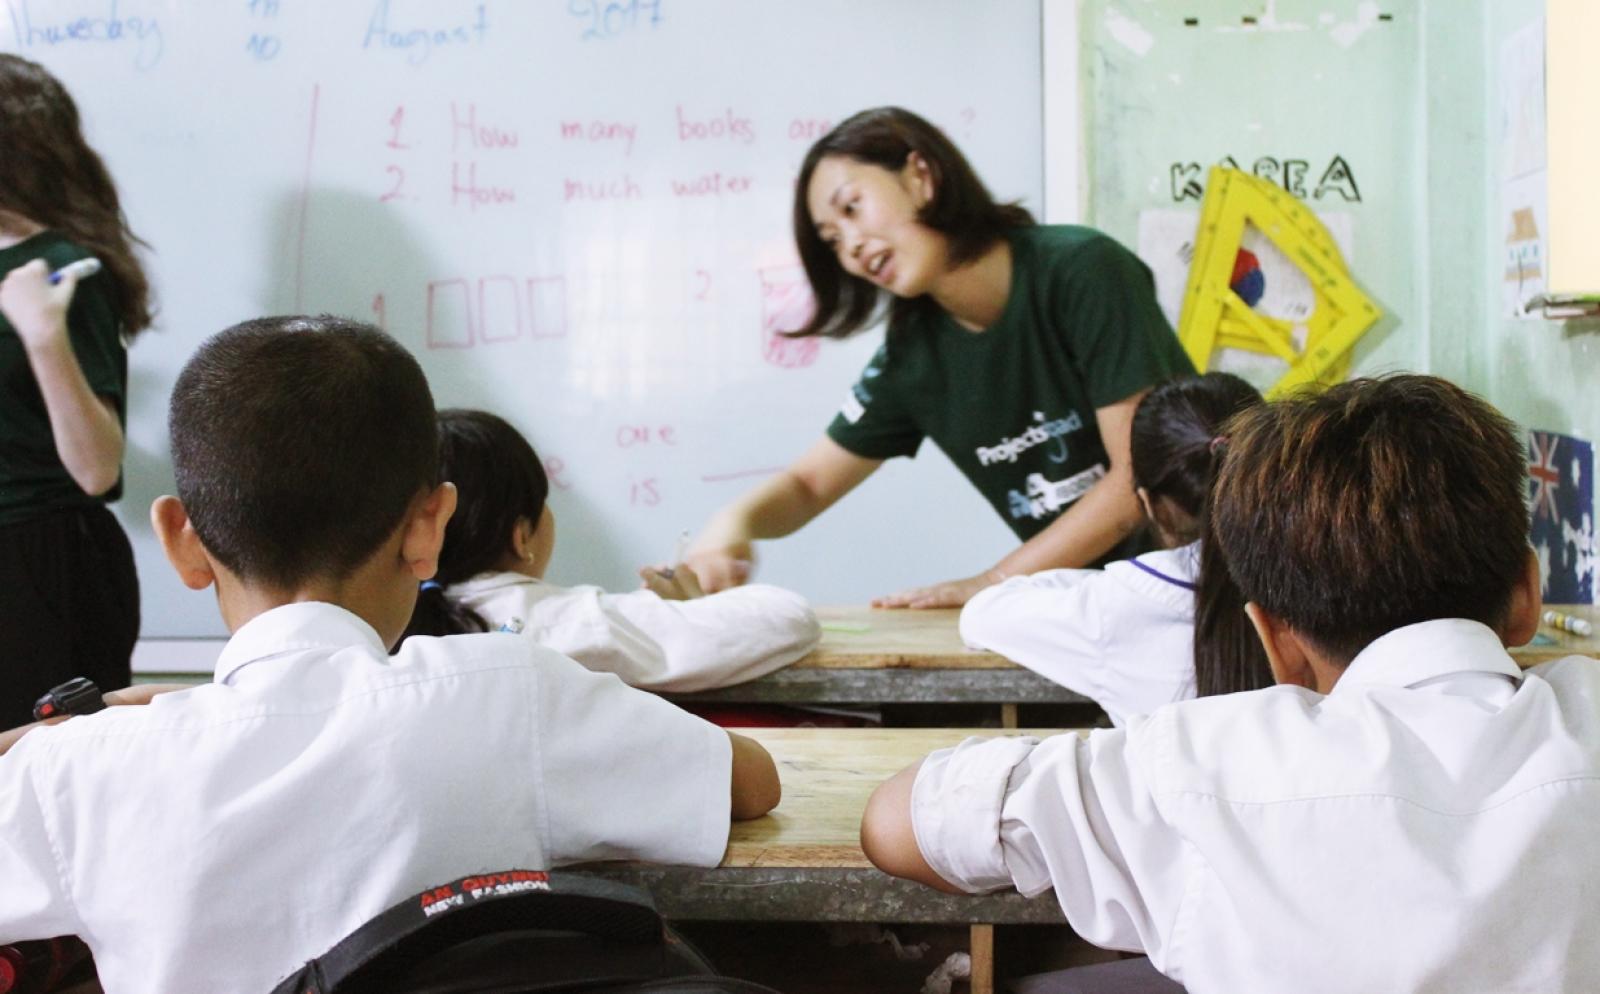 日本人教育ボランティアがカンボジアの子供たちへの英語教育に取り組む